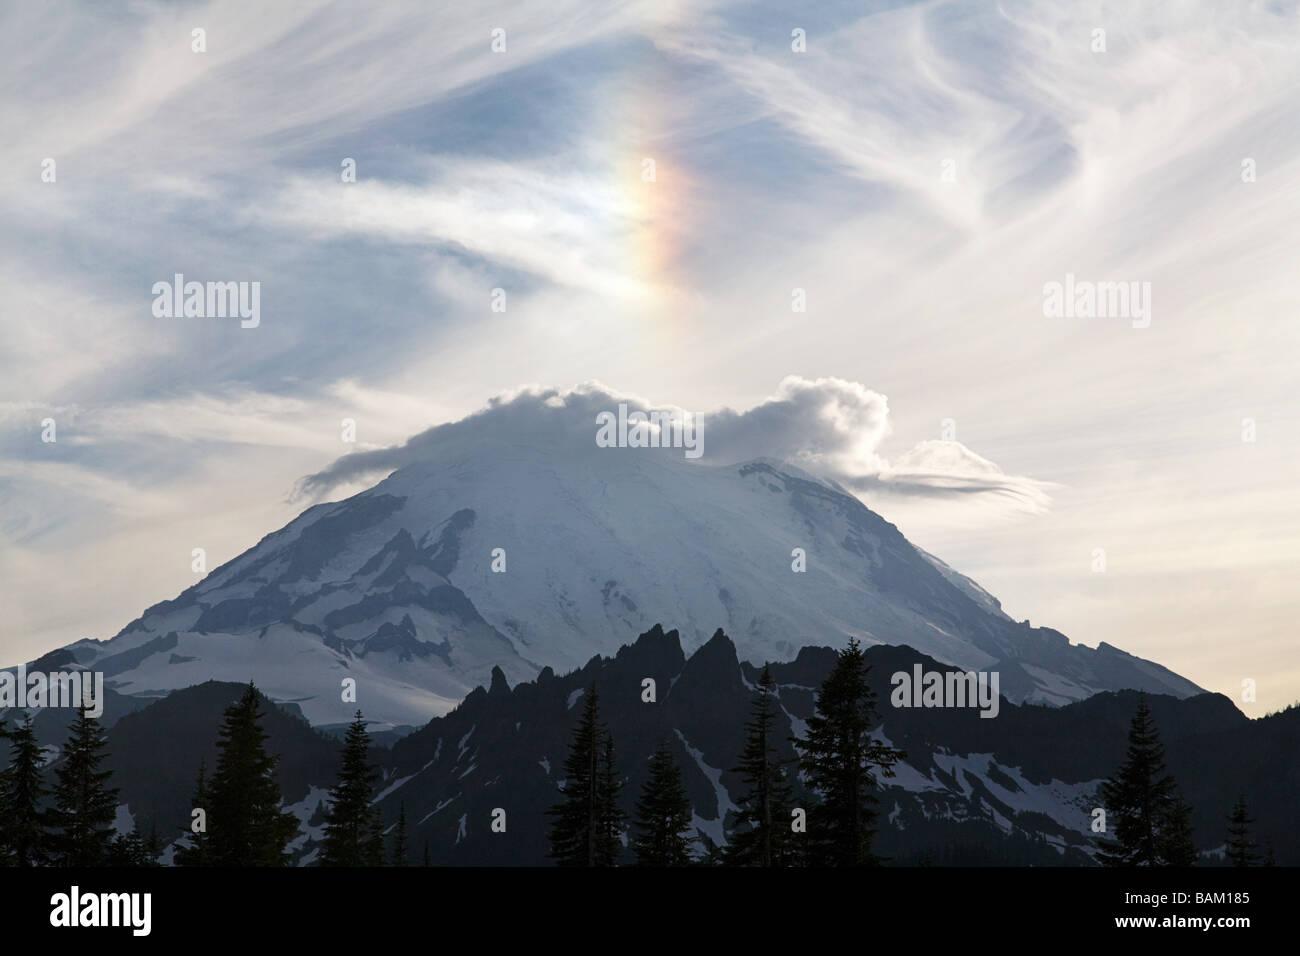 Mount rainier - Stock Image